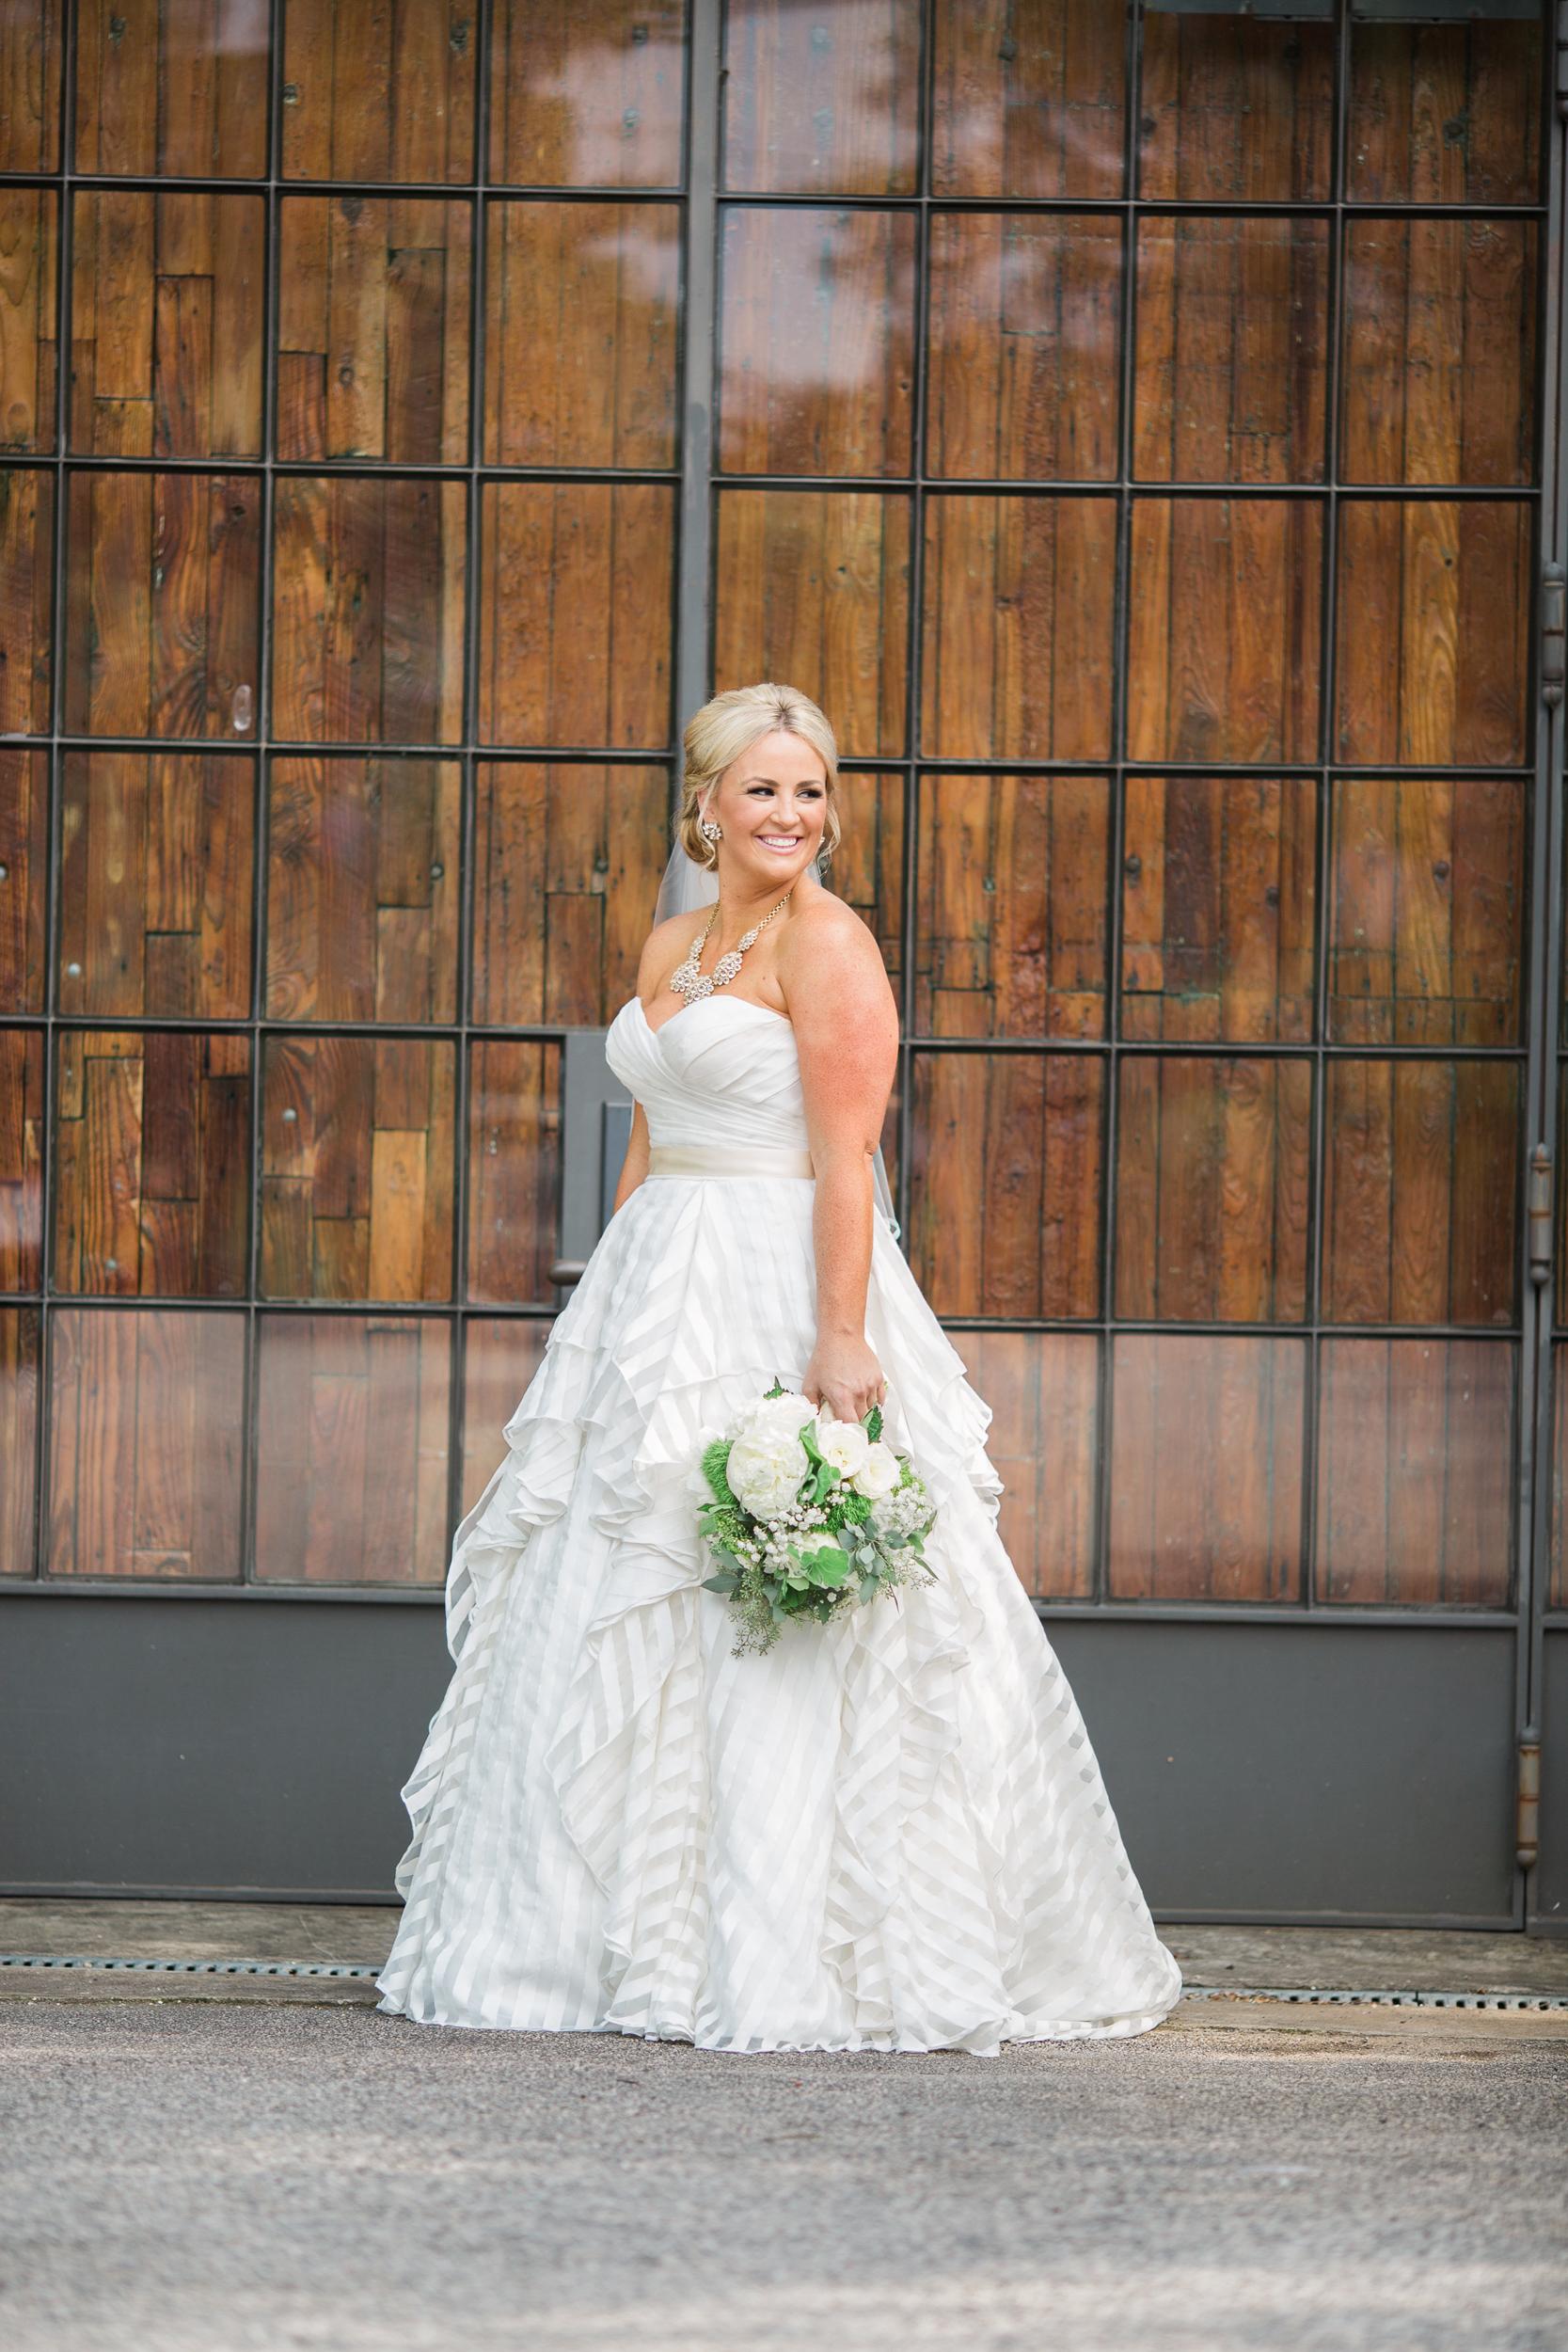 GY5A0122 Sponsel Wedding.jpg